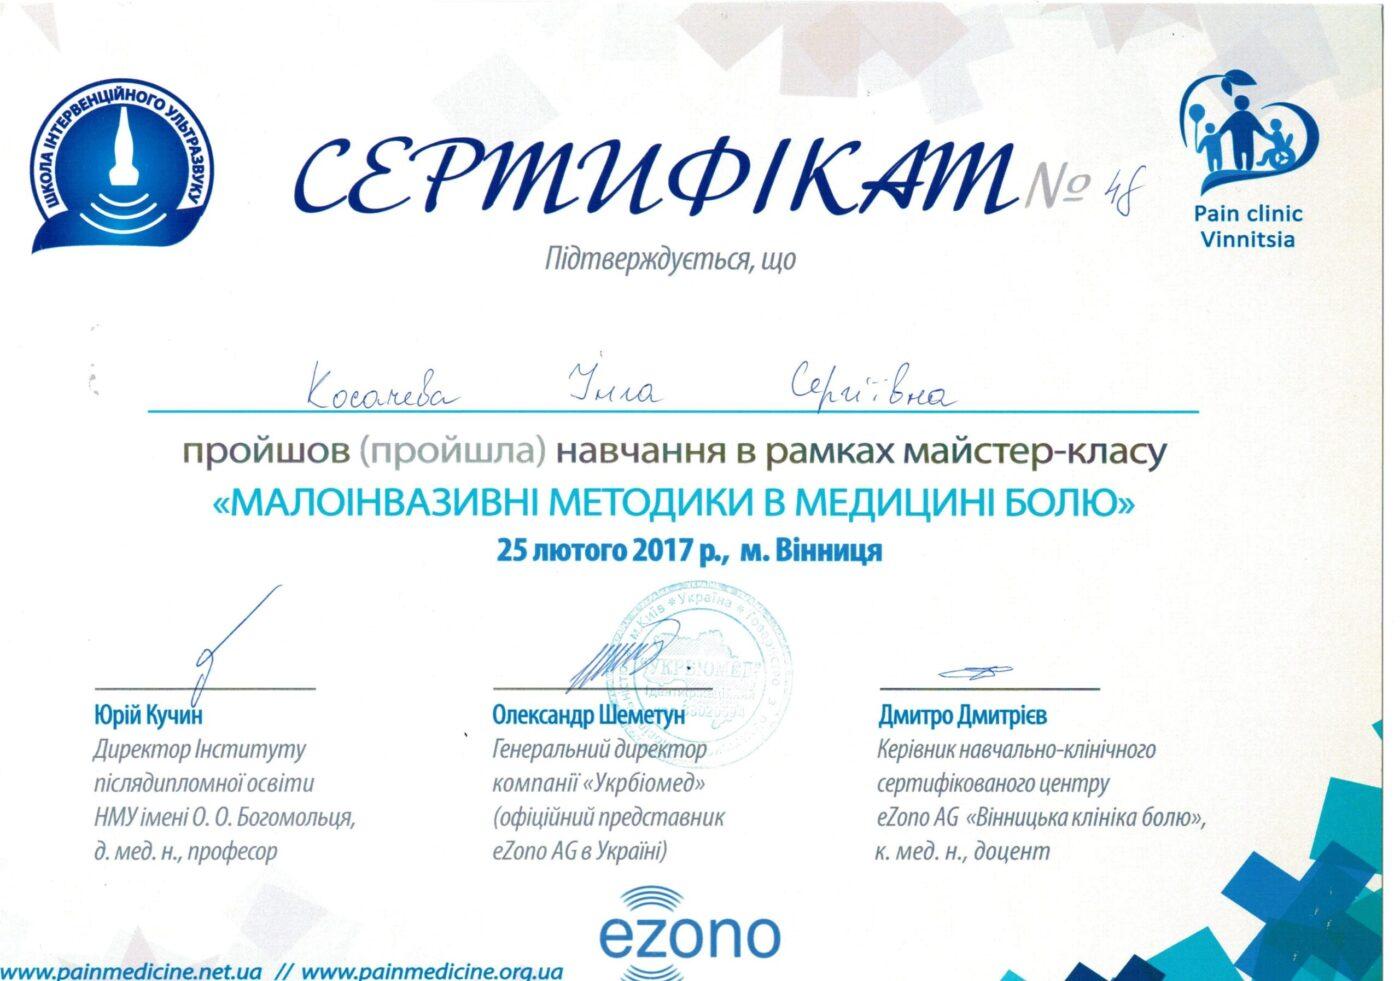 Сертифікат дитячого лікаря анестезіолога Косачевої Інги Сергіївни об участі у курсі (Малоінвазивні методики в медицині болю)